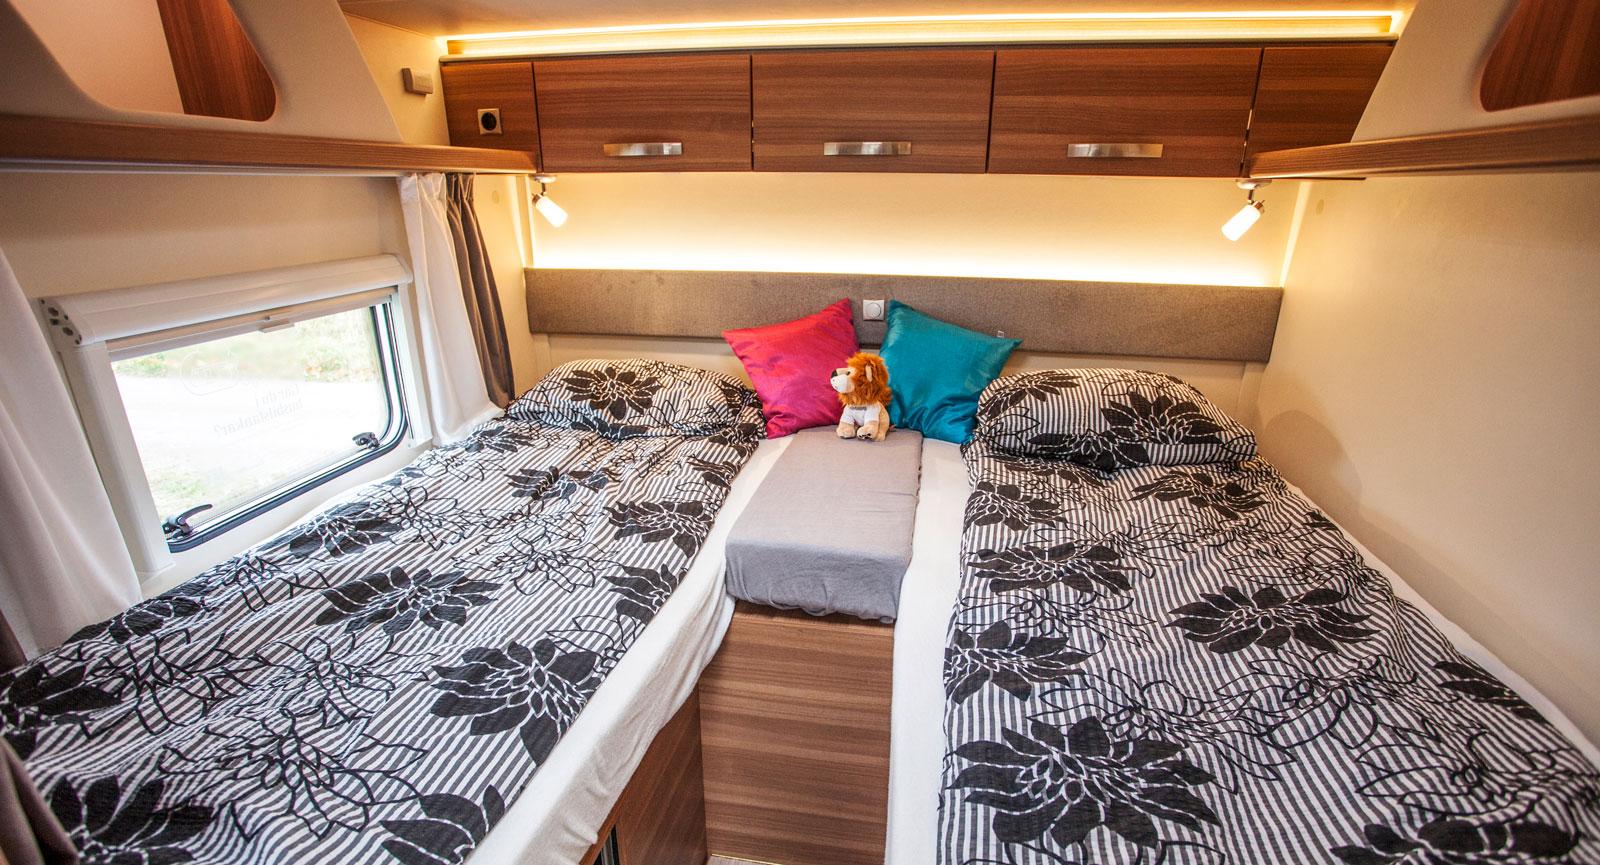 Stämningsfull belysning i sovrummet och sköna långbäddar. Konventionella överskåp saknas dock på långsidorna.